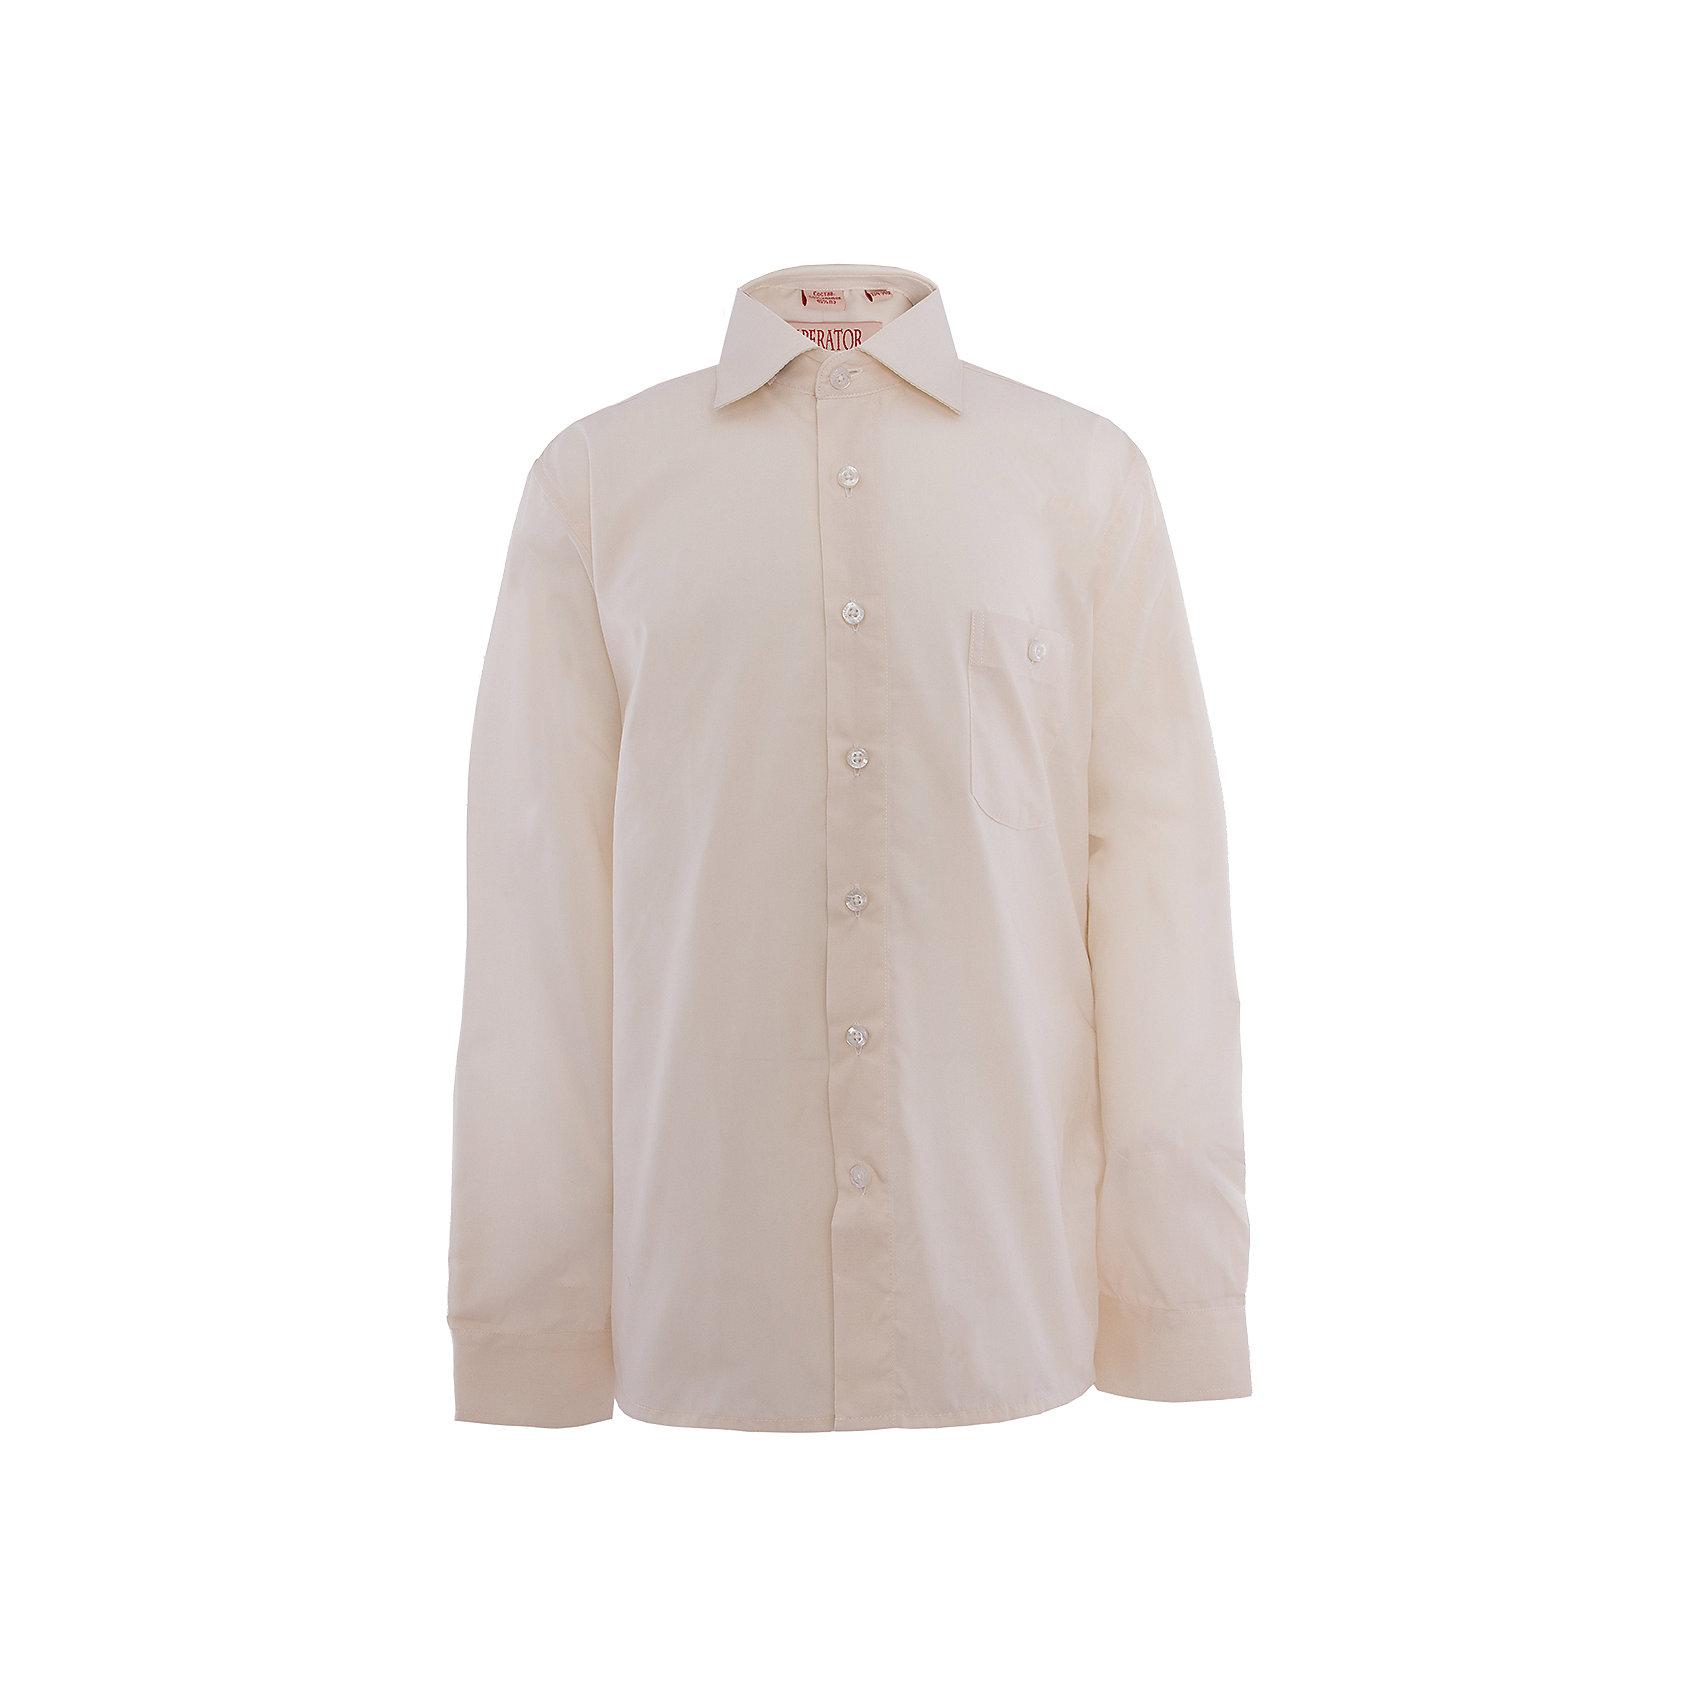 Рубашка для мальчика ImperatorБлузки и рубашки<br>Рубашка для мальчика от российской марки Imperator <br><br>Элегантная светлая рубашка дополнит гардероб мальчишек школьного возраста. Модель эффектно смотрится, делает образ стильным. Материал - гипоаллергенный, дышащий и приятный на ощупь.<br><br>Особенности модели:<br><br>- материал - тонкий, с содержанием хлопка;<br>- цвет - молочный;<br>- карман на груди;<br>- застежки-пуговицы;<br>- отложной воротник;<br>- пуговицы на манжетах.<br><br>Дополнительная информация:<br><br>Состав: 55% хлопок, 45% полиэстер<br><br>Габариты:<br><br>длина рукава - 57 см;<br>длина по спинке - 67 см.<br><br>* соответствует размеру 35/158-164<br><br>Уход за изделием:<br><br>стирка в машине при температуре до 40°С,<br>не отбеливать,<br>гладить на средней температуре.<br><br>Рубашку для мальчика от российской марки Imperator (Император) можно купить в нашем магазине.<br><br>Ширина мм: 174<br>Глубина мм: 10<br>Высота мм: 169<br>Вес г: 157<br>Цвет: бежевый<br>Возраст от месяцев: 132<br>Возраст до месяцев: 144<br>Пол: Мужской<br>Возраст: Детский<br>Размер: 146/152,164/170,128/134,152/158,158/164,122/128,140/146,134/140<br>SKU: 4295817